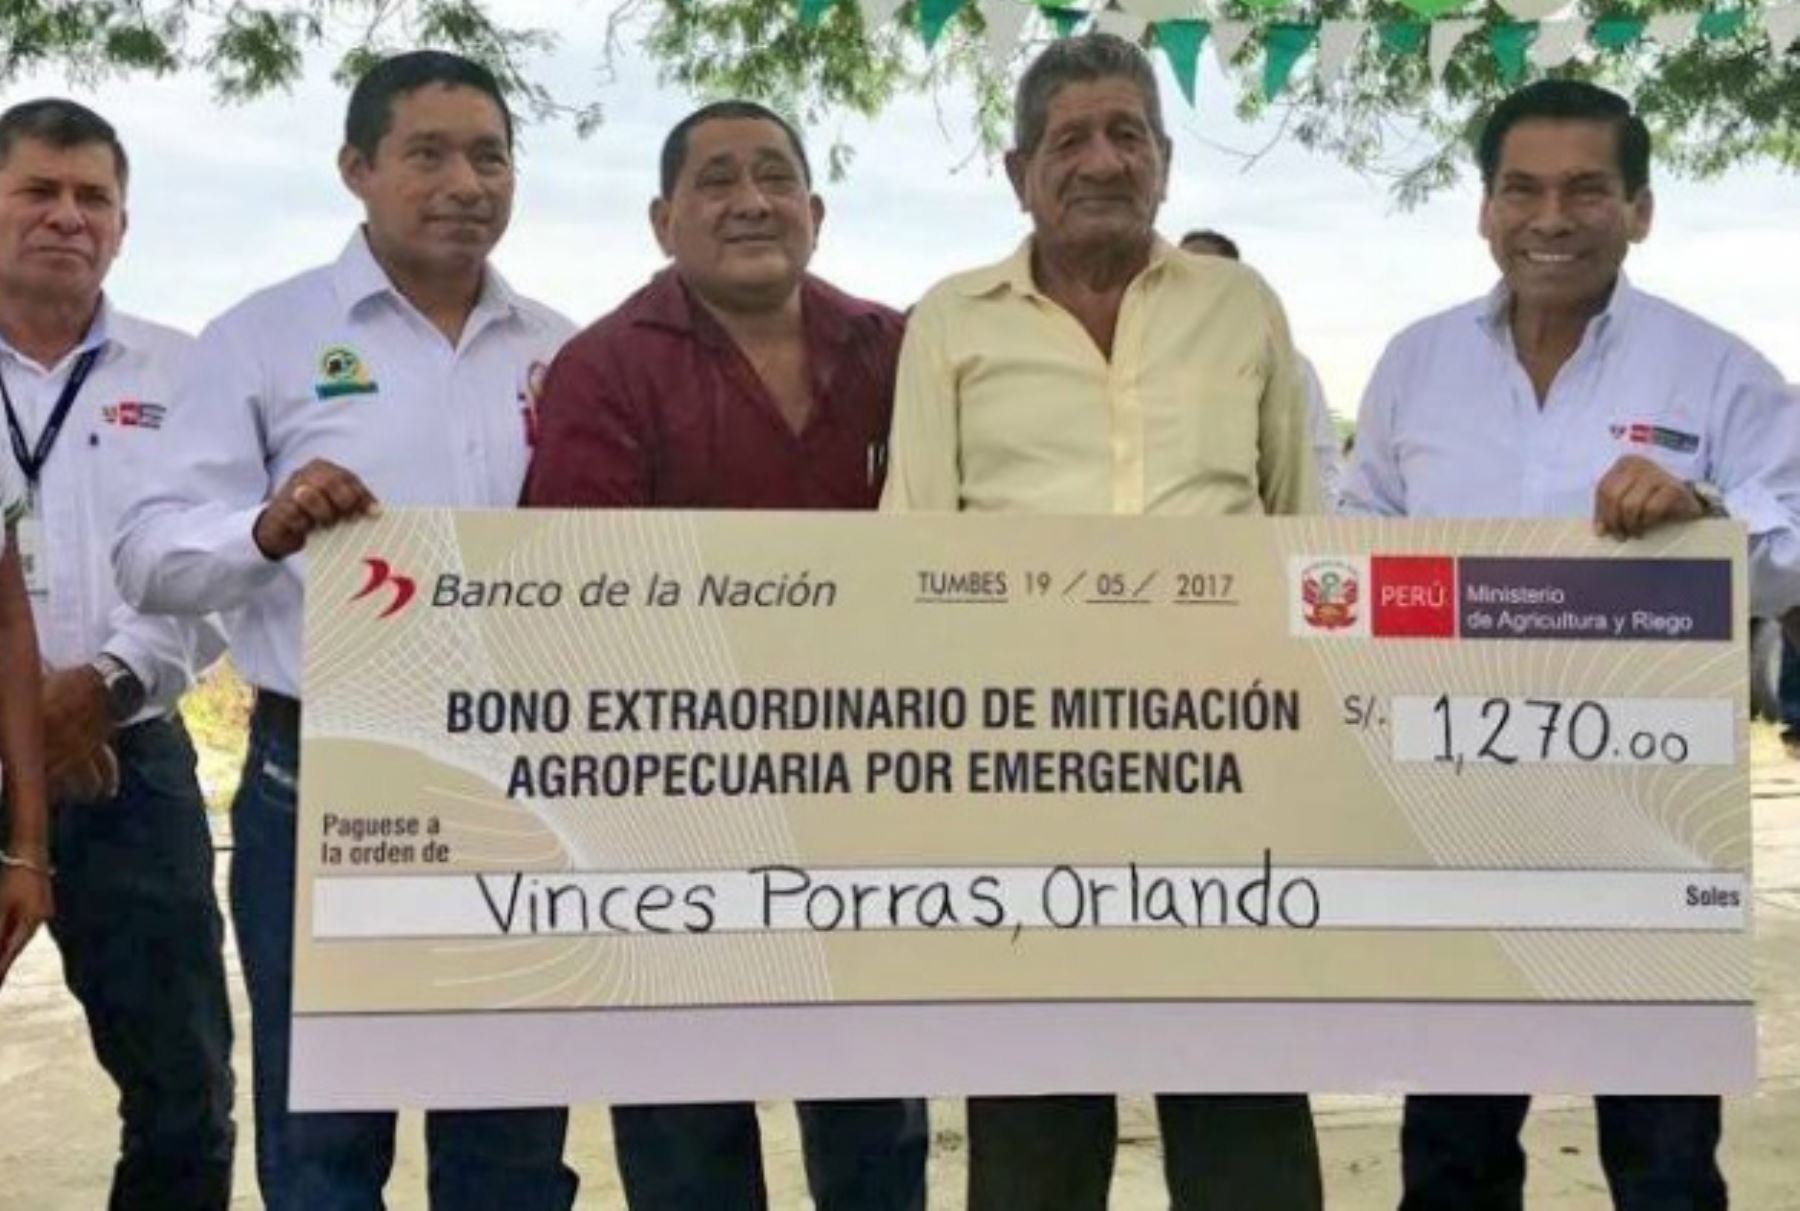 El ministro de Agricultura y Riego, José Manuel Hernández, entregó hoy en Tumbes los primeros bonos extraordinarios de mitigación agropecuaria por emergencia, que beneficiarán a 2,600 pequeños productores de esa región, una de las más afectadas por los estragos que ocasionó El Niño costero.